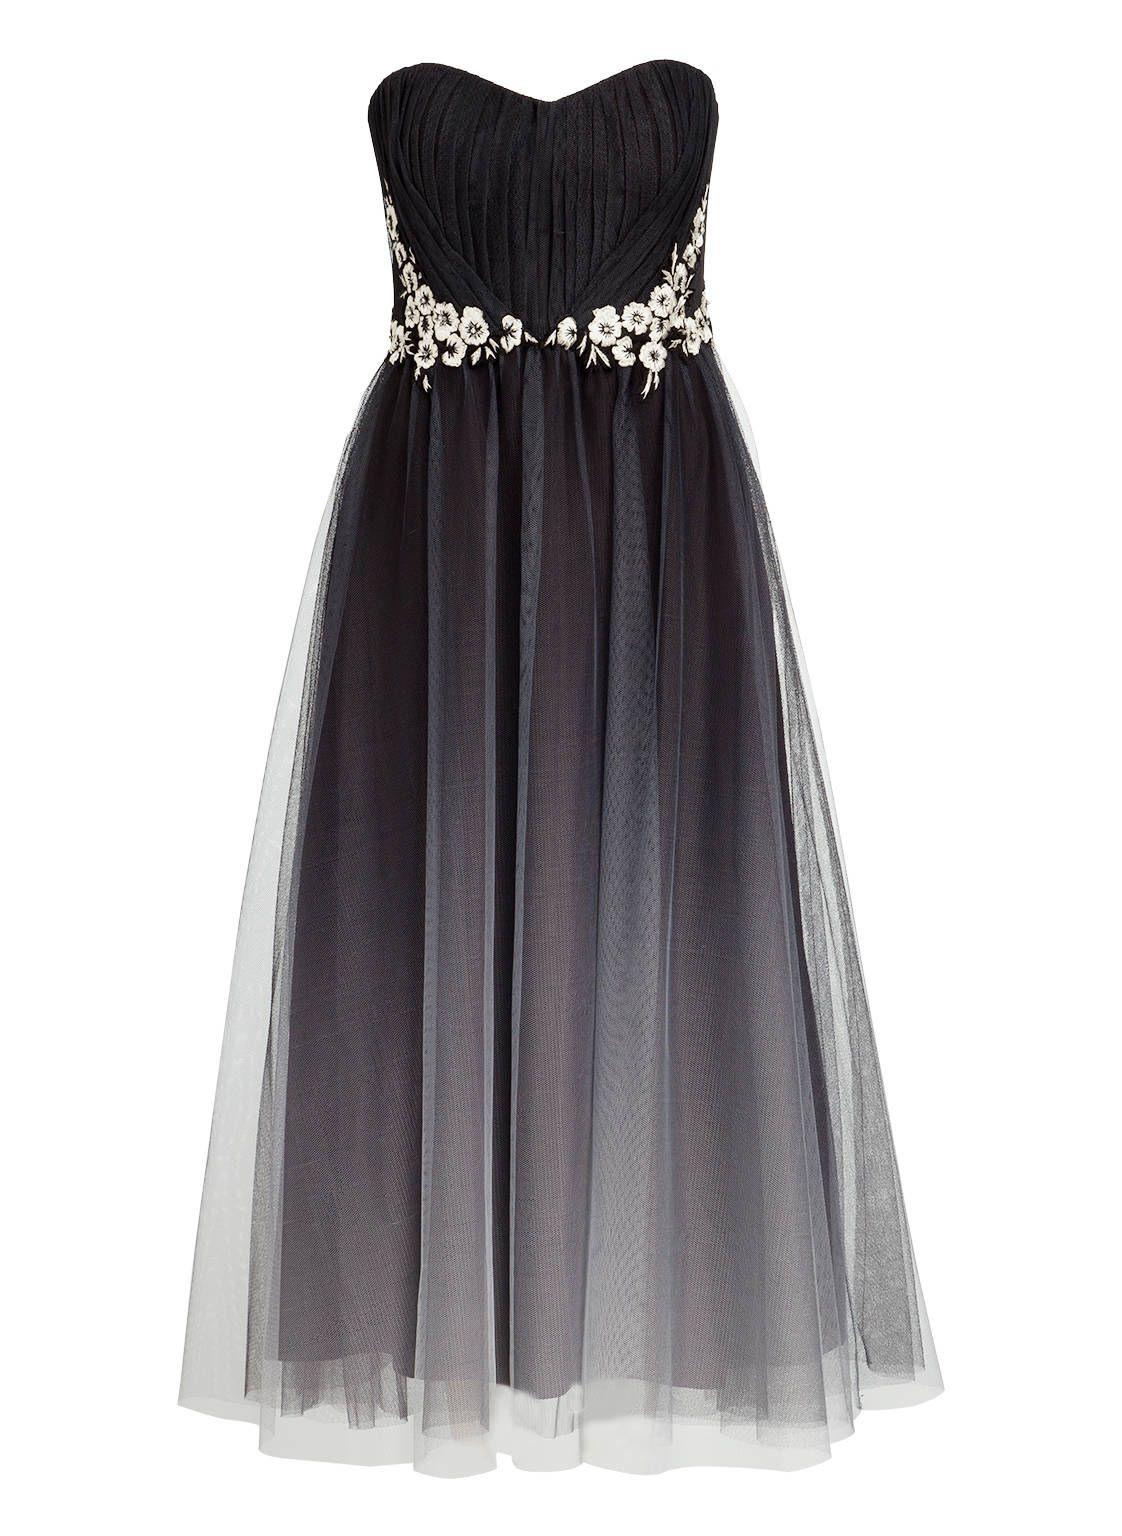 13 Luxus Abendkleid Breuninger Bester Preis10 Einzigartig Abendkleid Breuninger für 2019